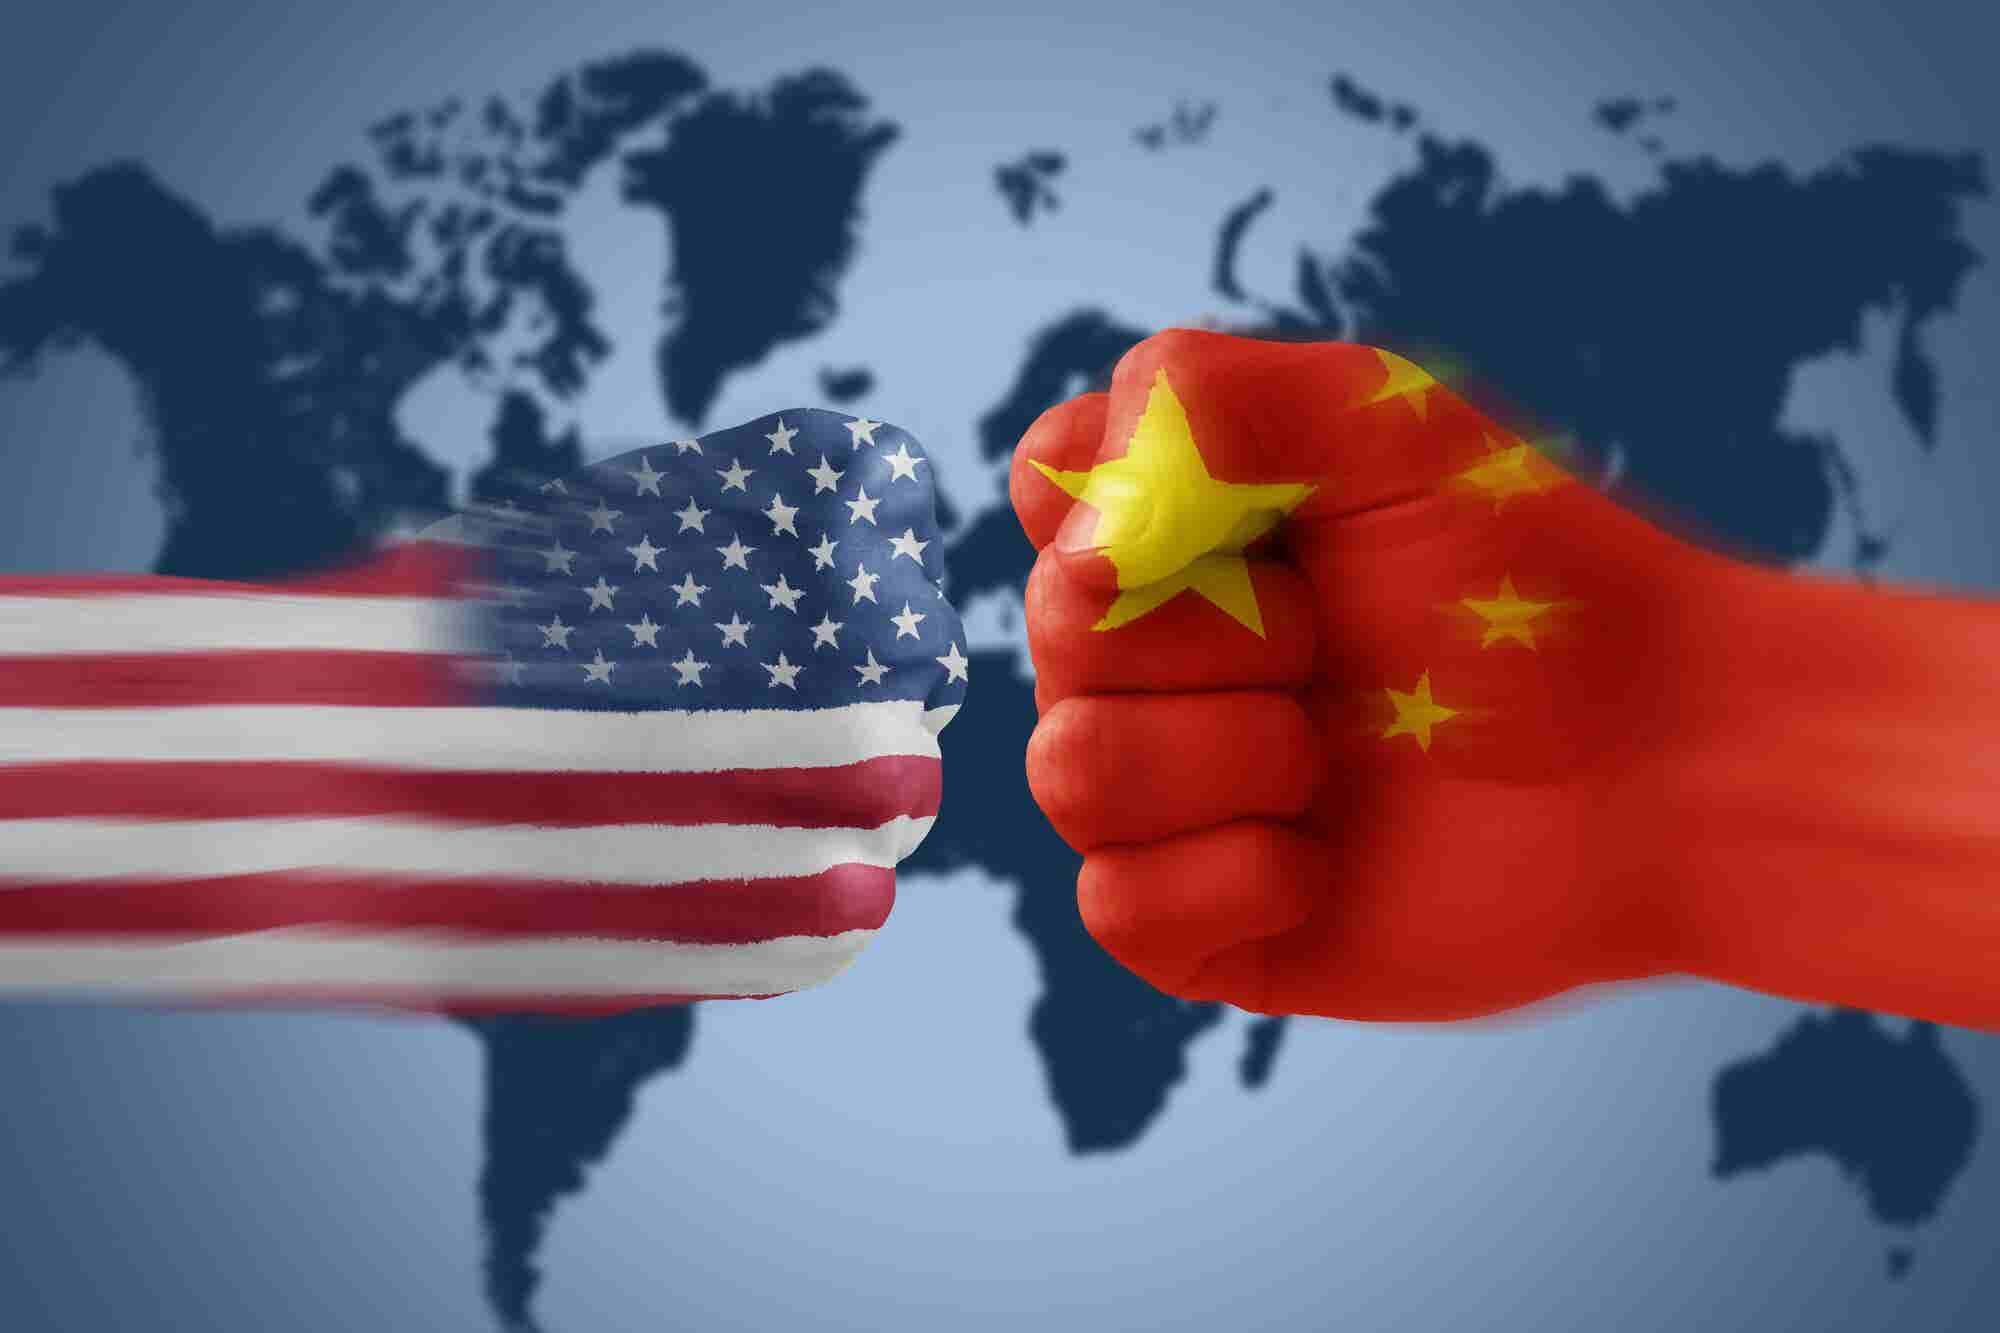 La guerra comercial entre China y Estados Unidos apenas comienza: Jack Ma